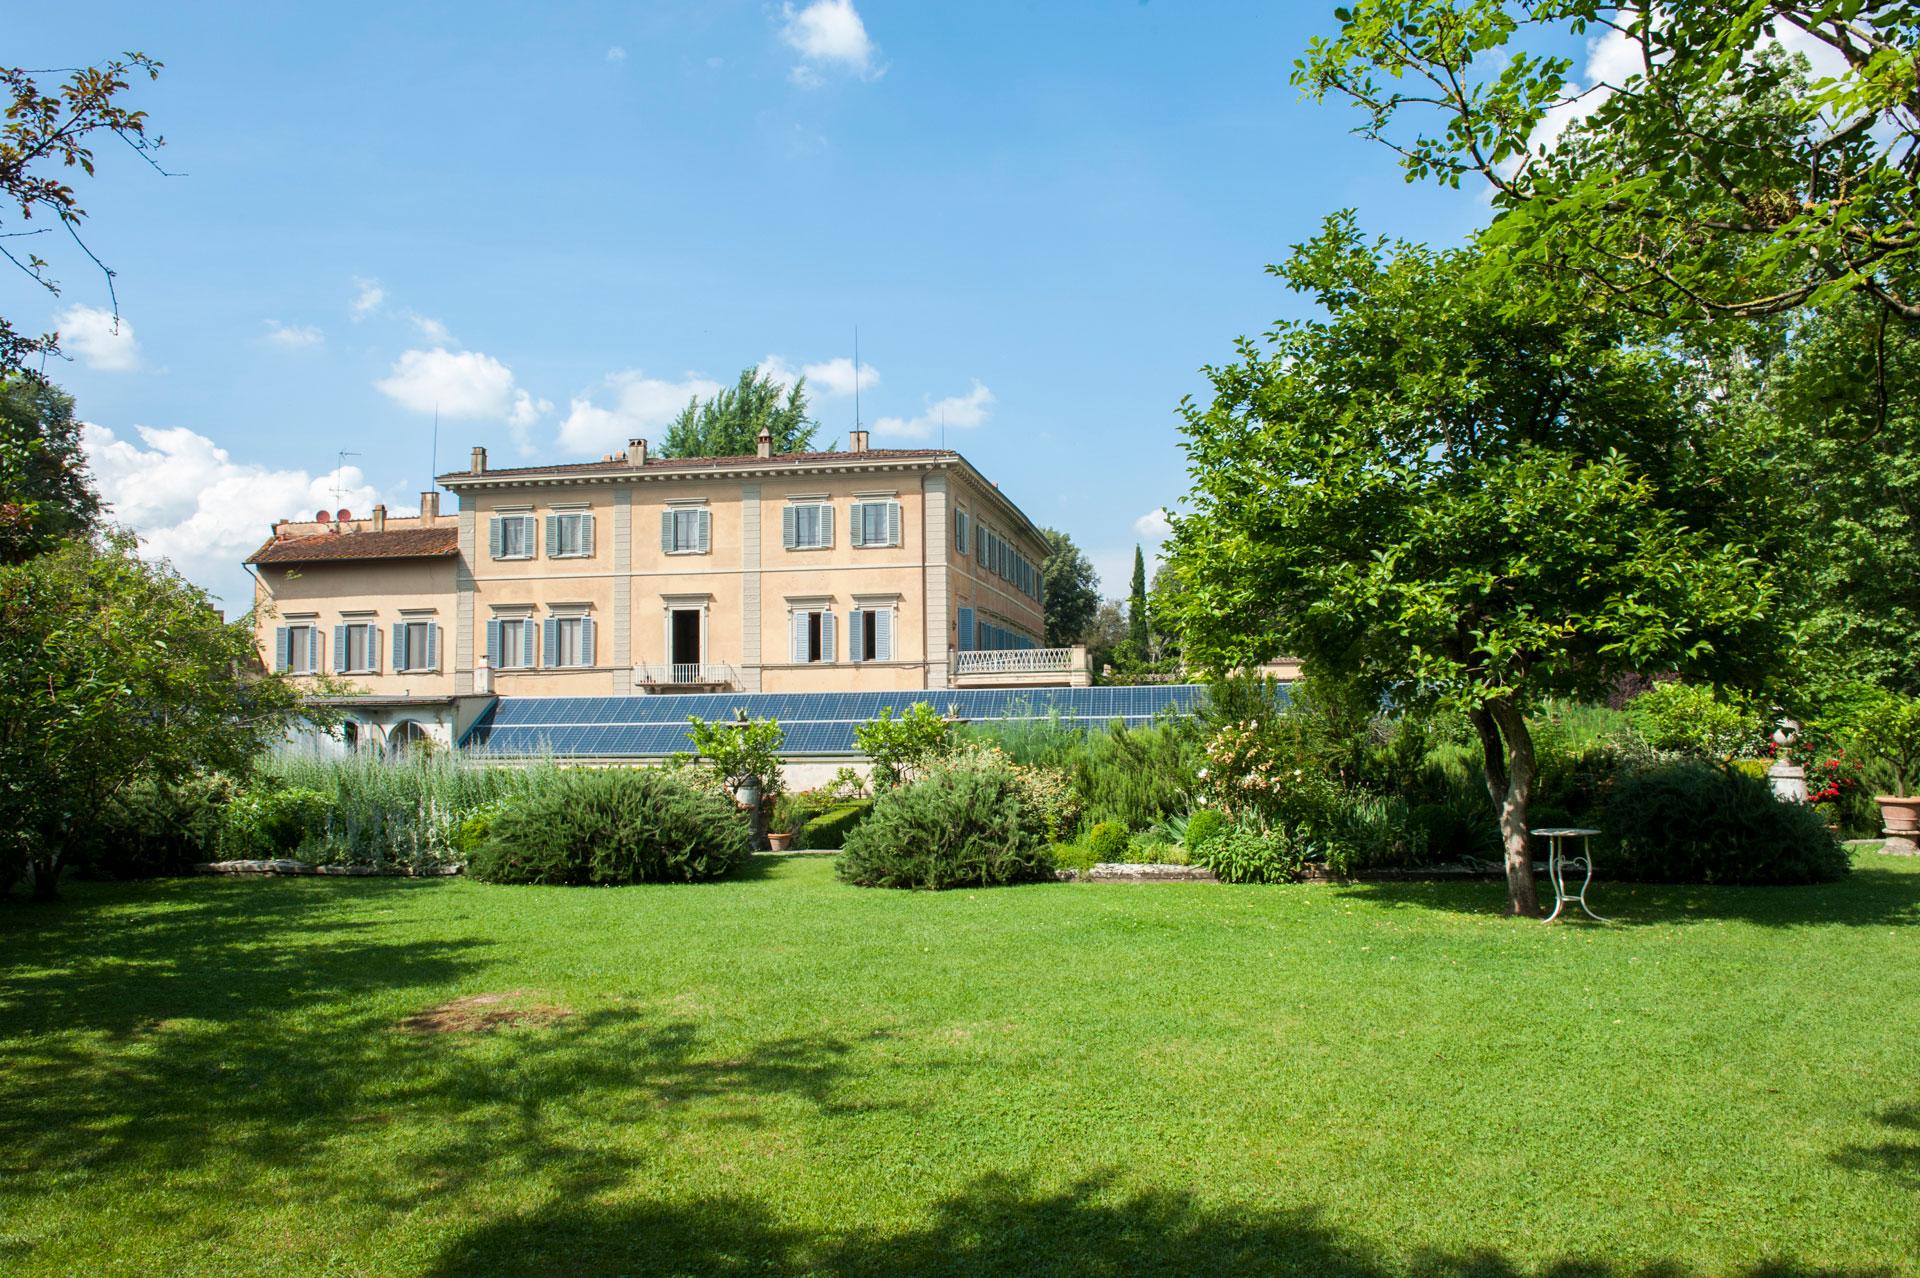 Boboli garden in florence Italy